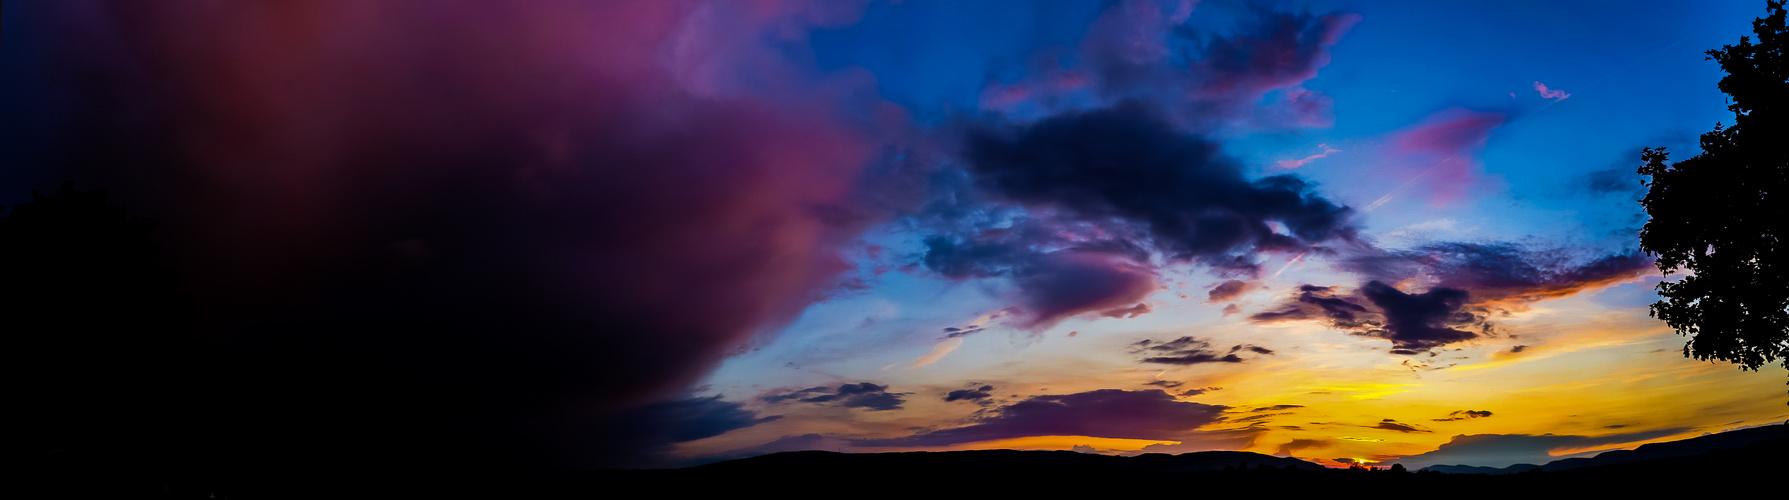 Sonnenuntergang nach einem Gewitter